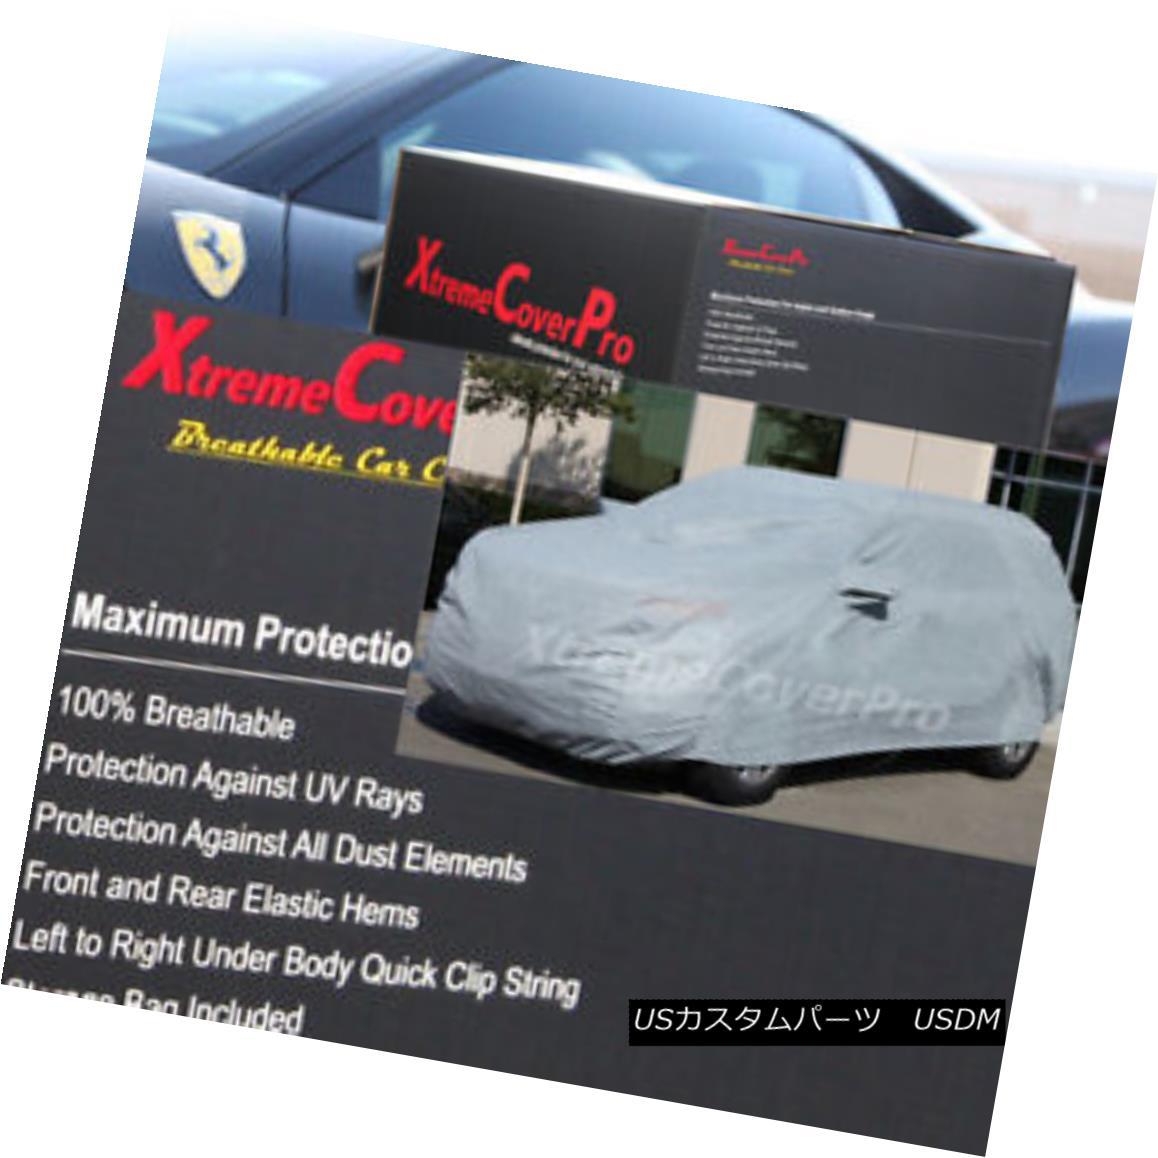 カーカバー 2015 AUDI Q3 Breathable Car Cover w/Mirror Pockets - Gray 2015 AUDI Q3ミラーポケット付き通気性カーカバー - グレー